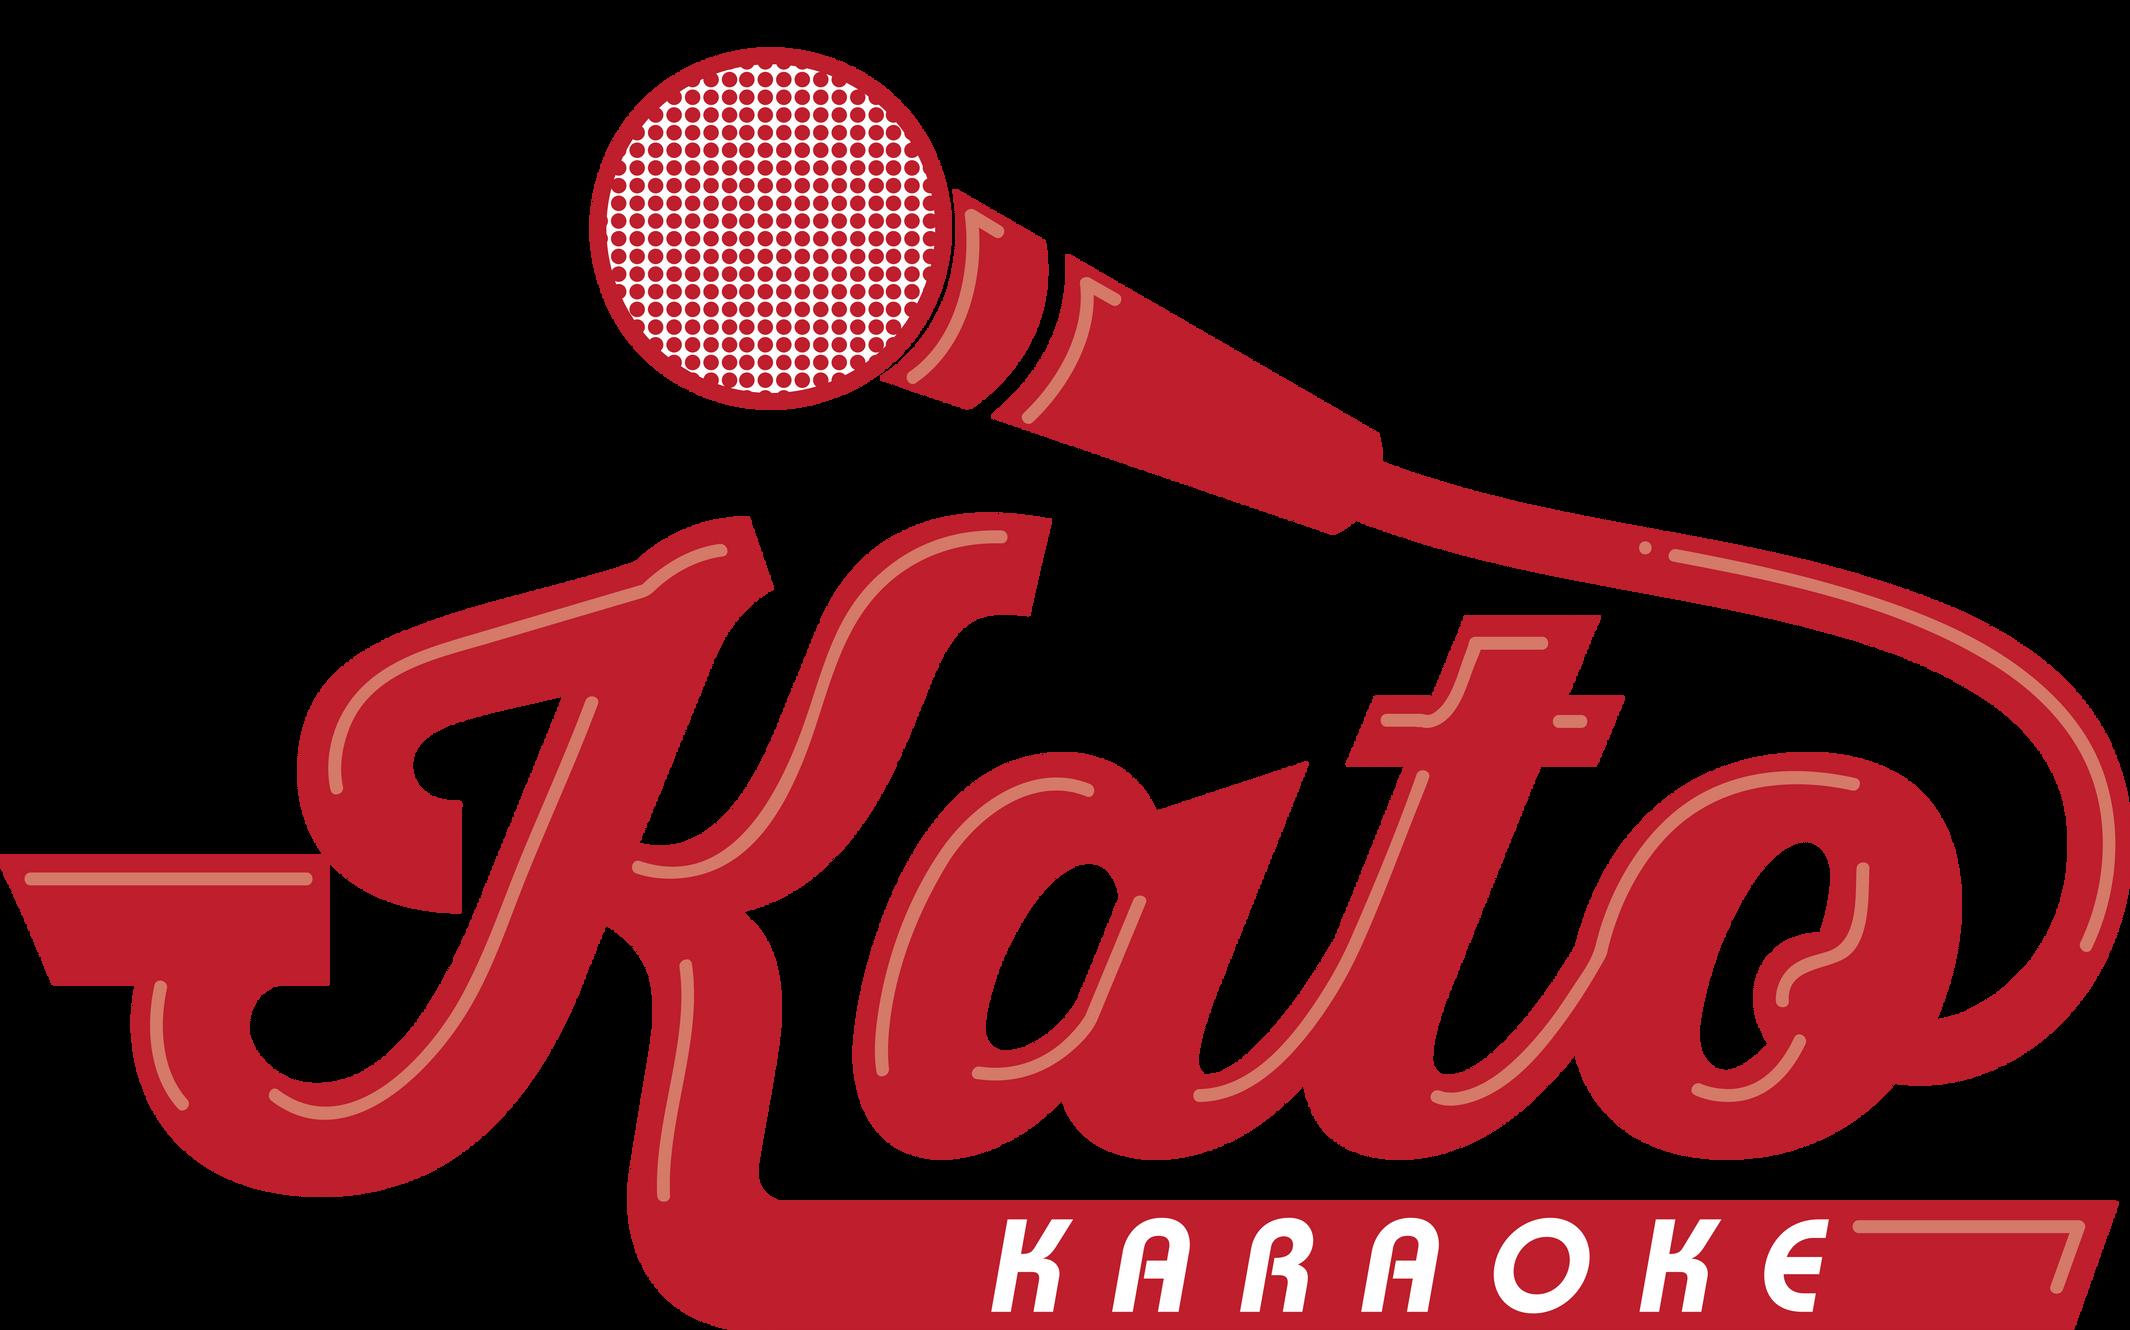 Karaoke Library Kato Karaoke Events Entertainment